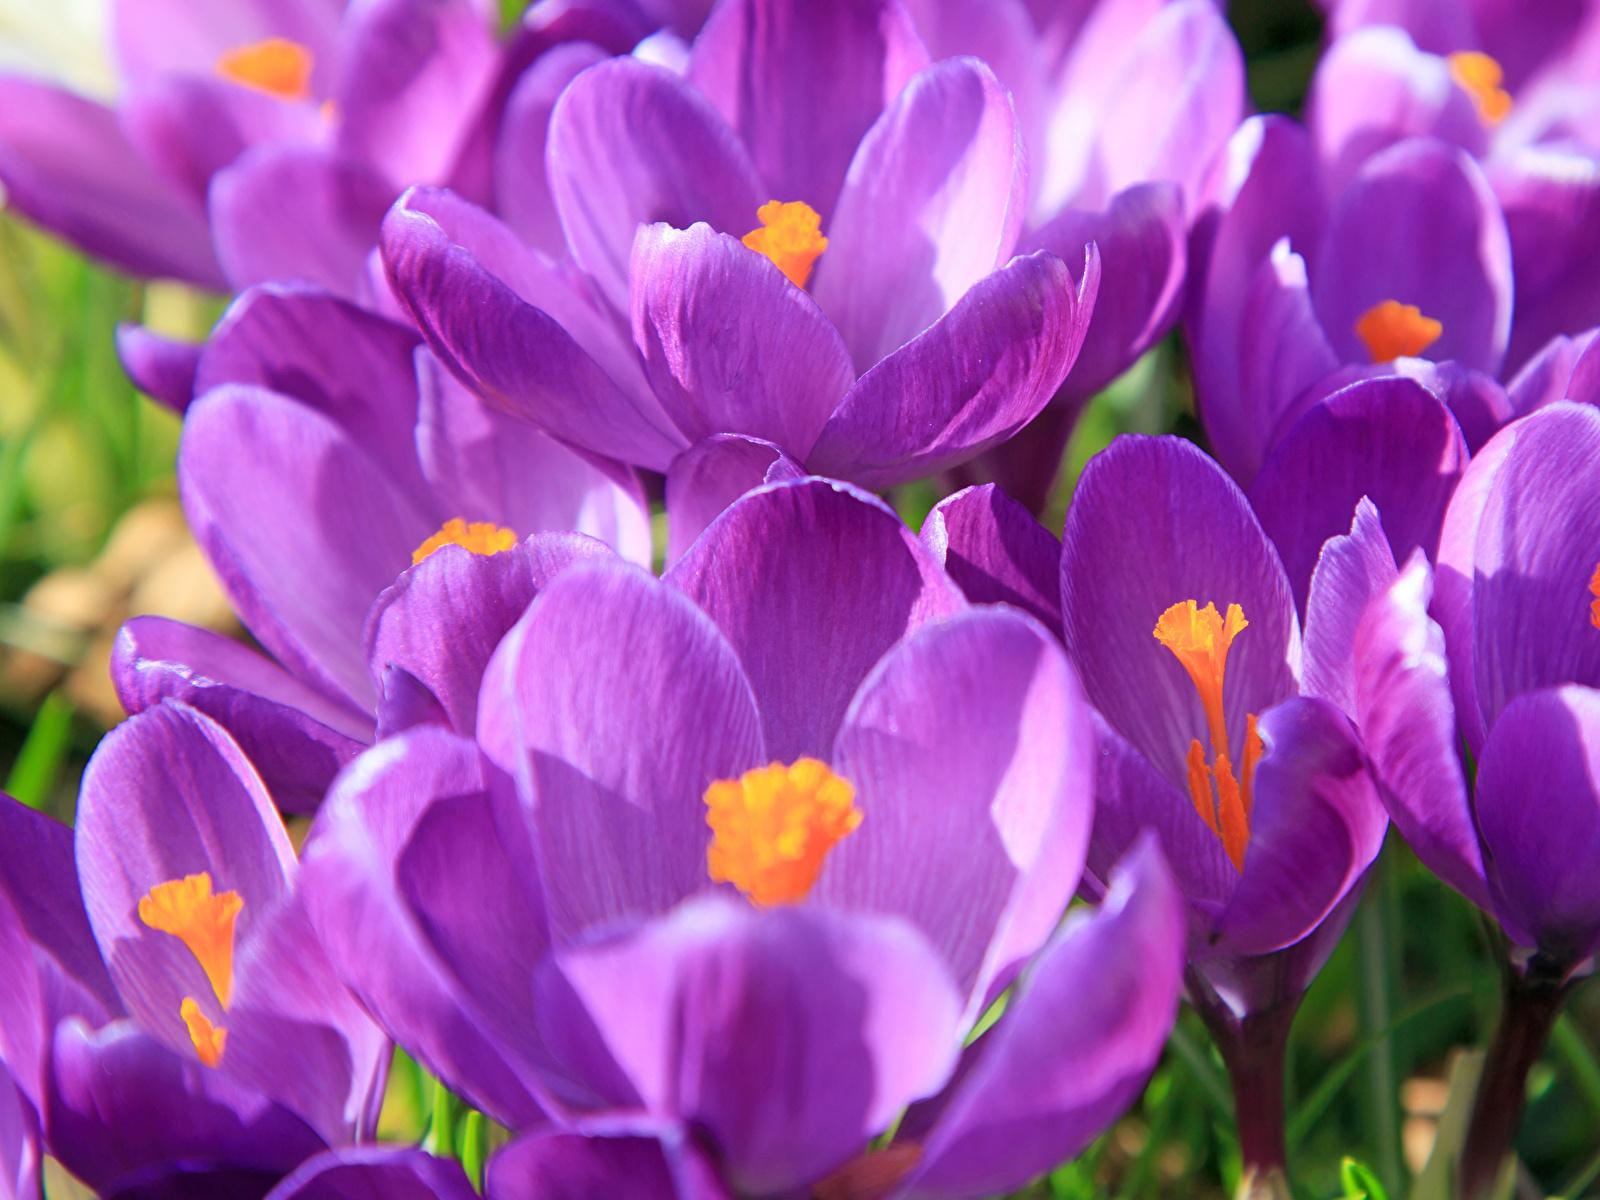 Картинка фиолетовая Цветы Крокусы вблизи 1600x1200 фиолетовых фиолетовые Фиолетовый Шафран Крупным планом